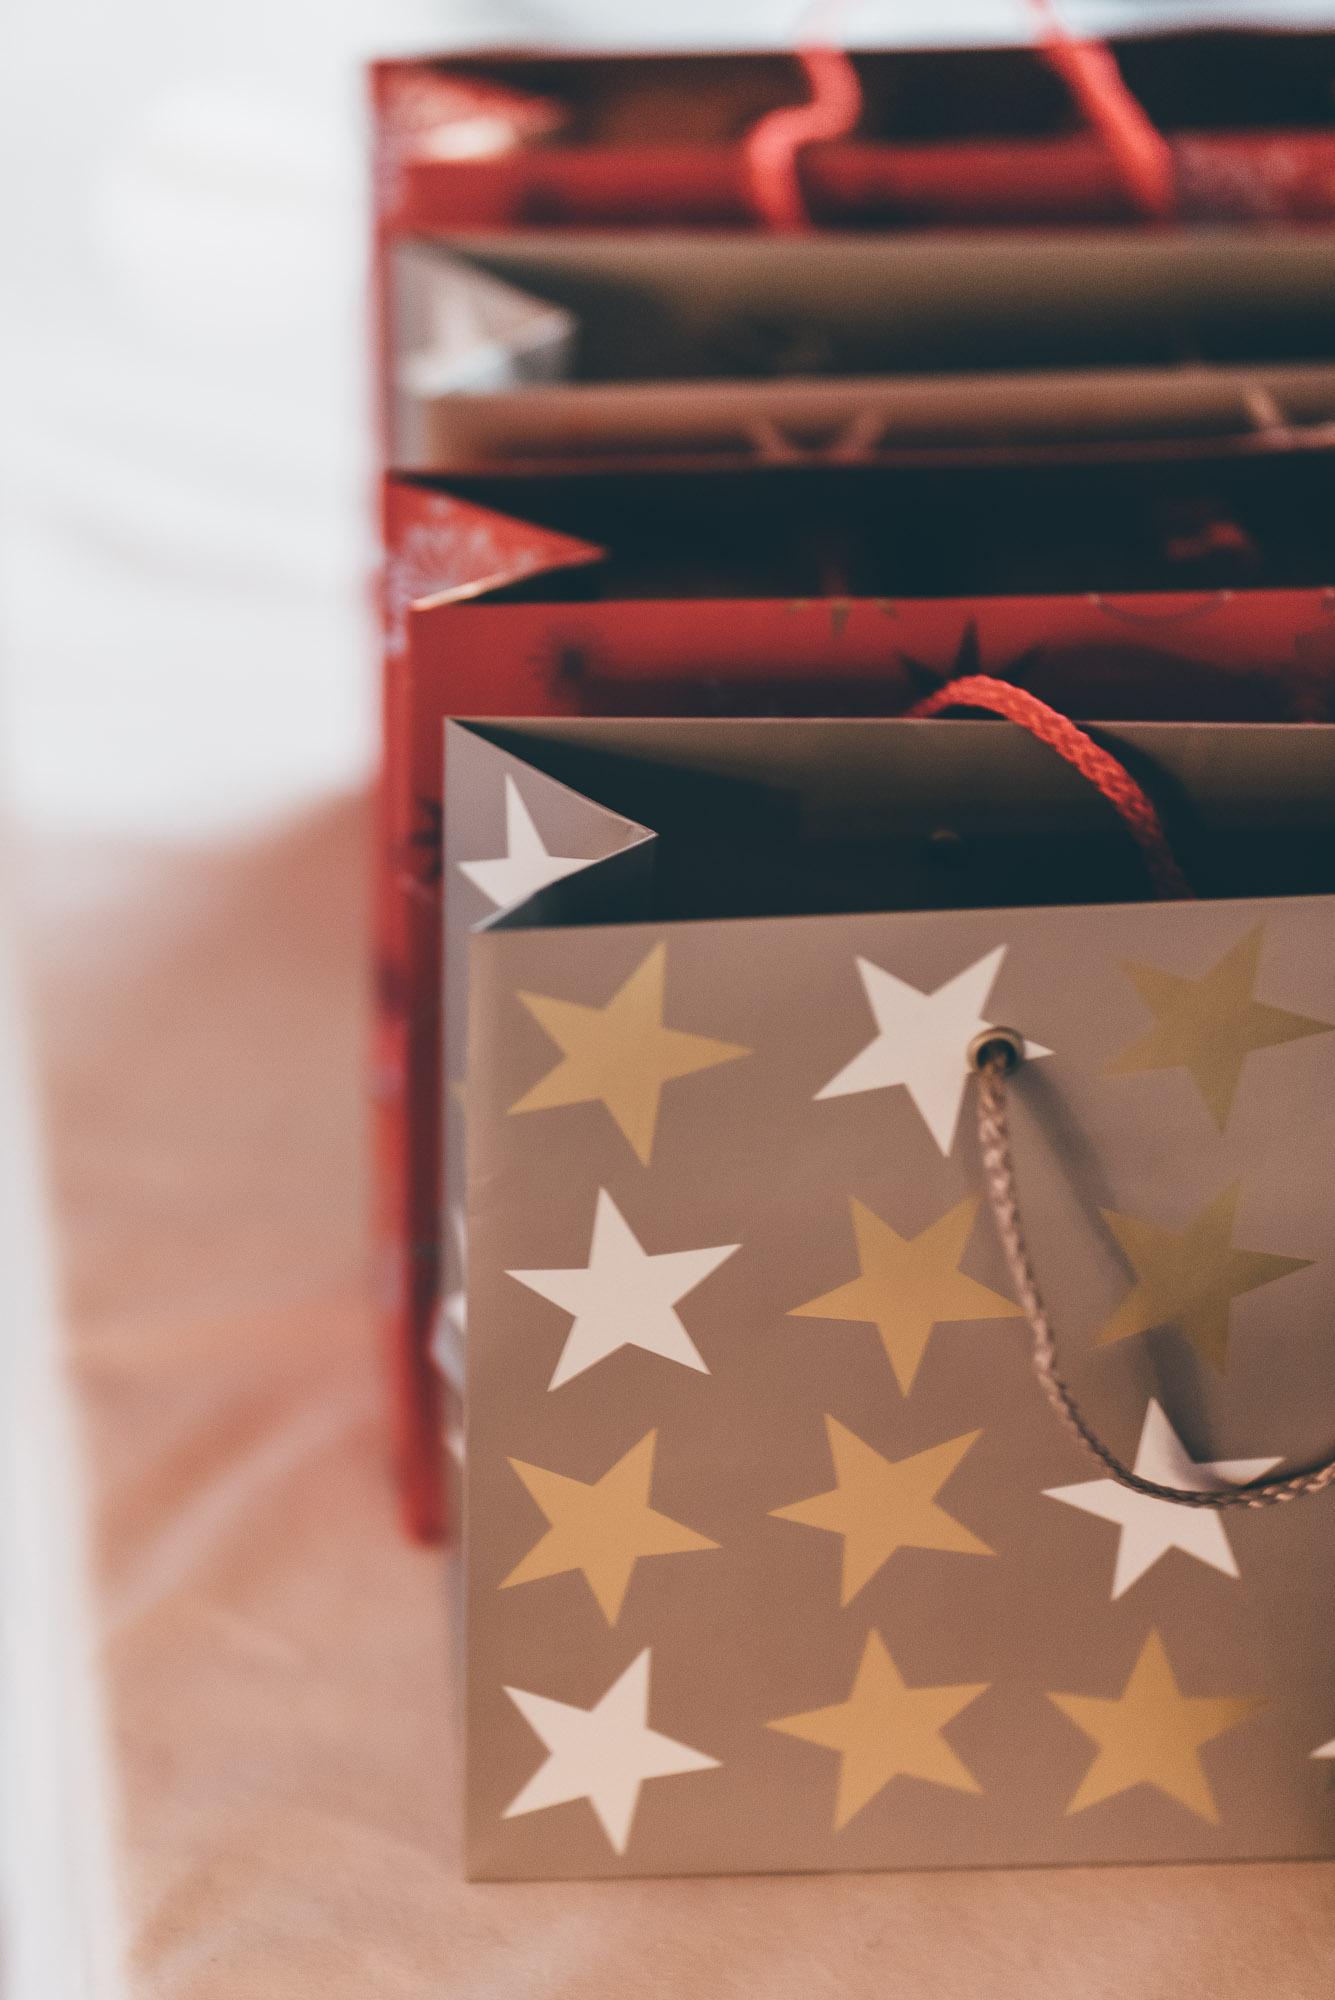 Goodie Bags for my Girls Ich habe beschlossen meinen Mädels und meiner Familie eine kleine Freude zu machen und habe ihnen Goodie Bags mit meinen momentanen Favoriten zusammengestellt. Diese sind übrigens auch perfekte Wichtelgeschenke oder sind eine Idee falls ihr noch eine Kleinigkeit zu Weihnachten sucht.